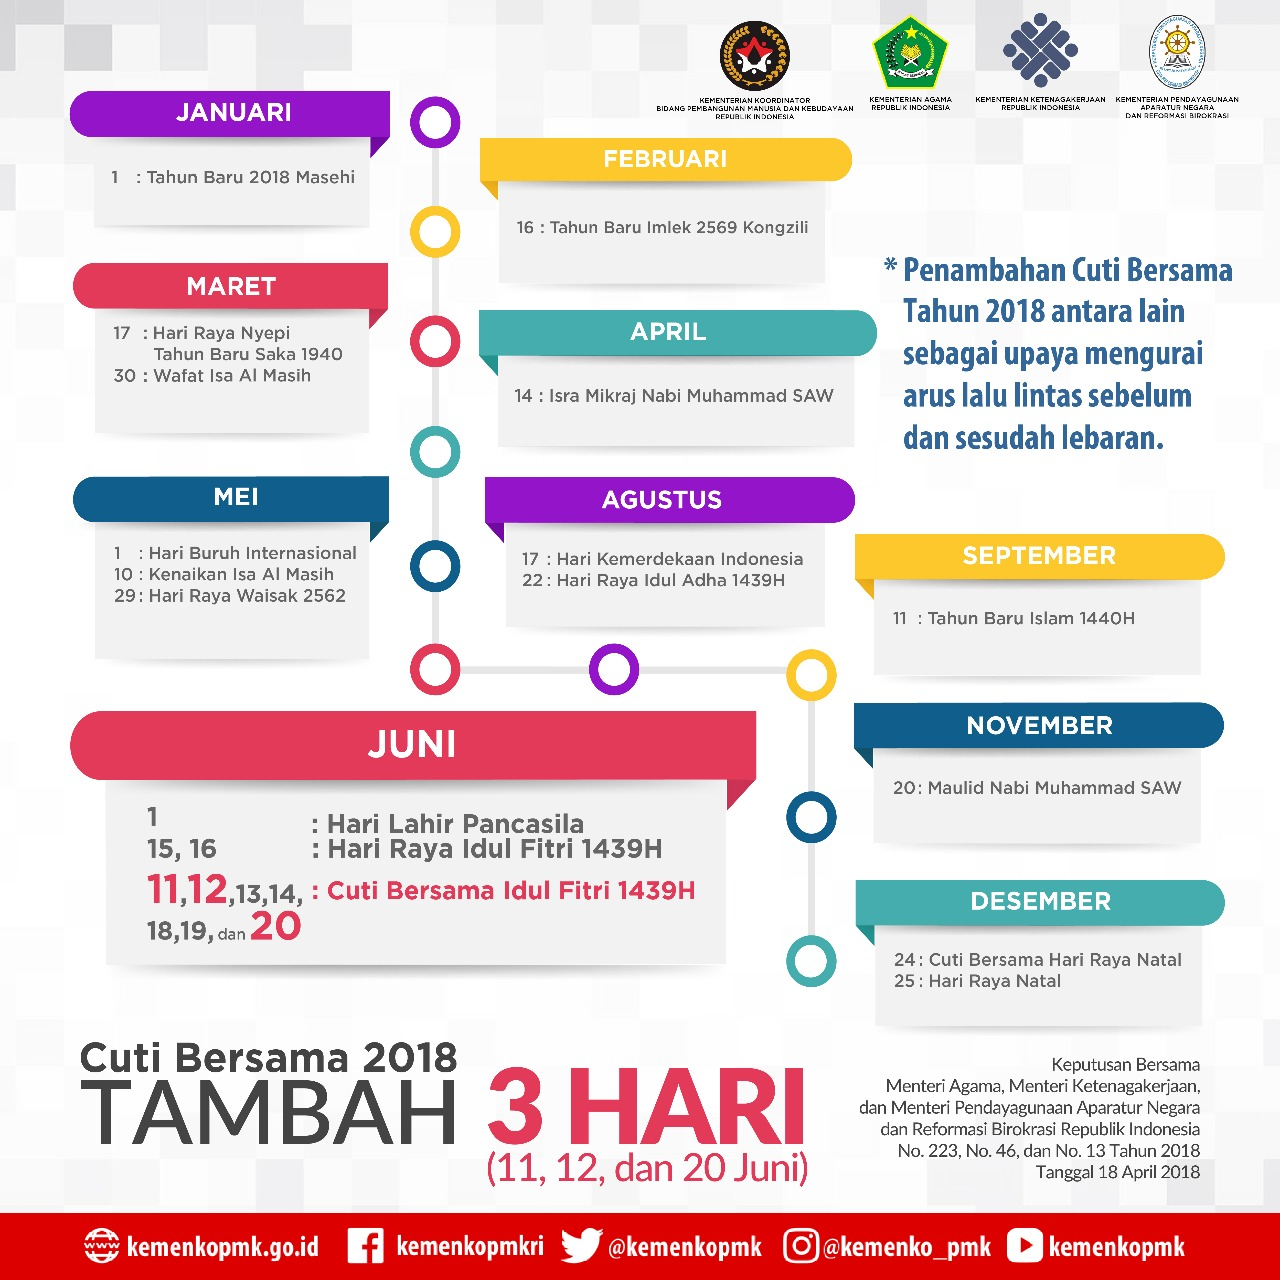 Revisi Hari Libur Nasional dan Cuti Bersama 2018